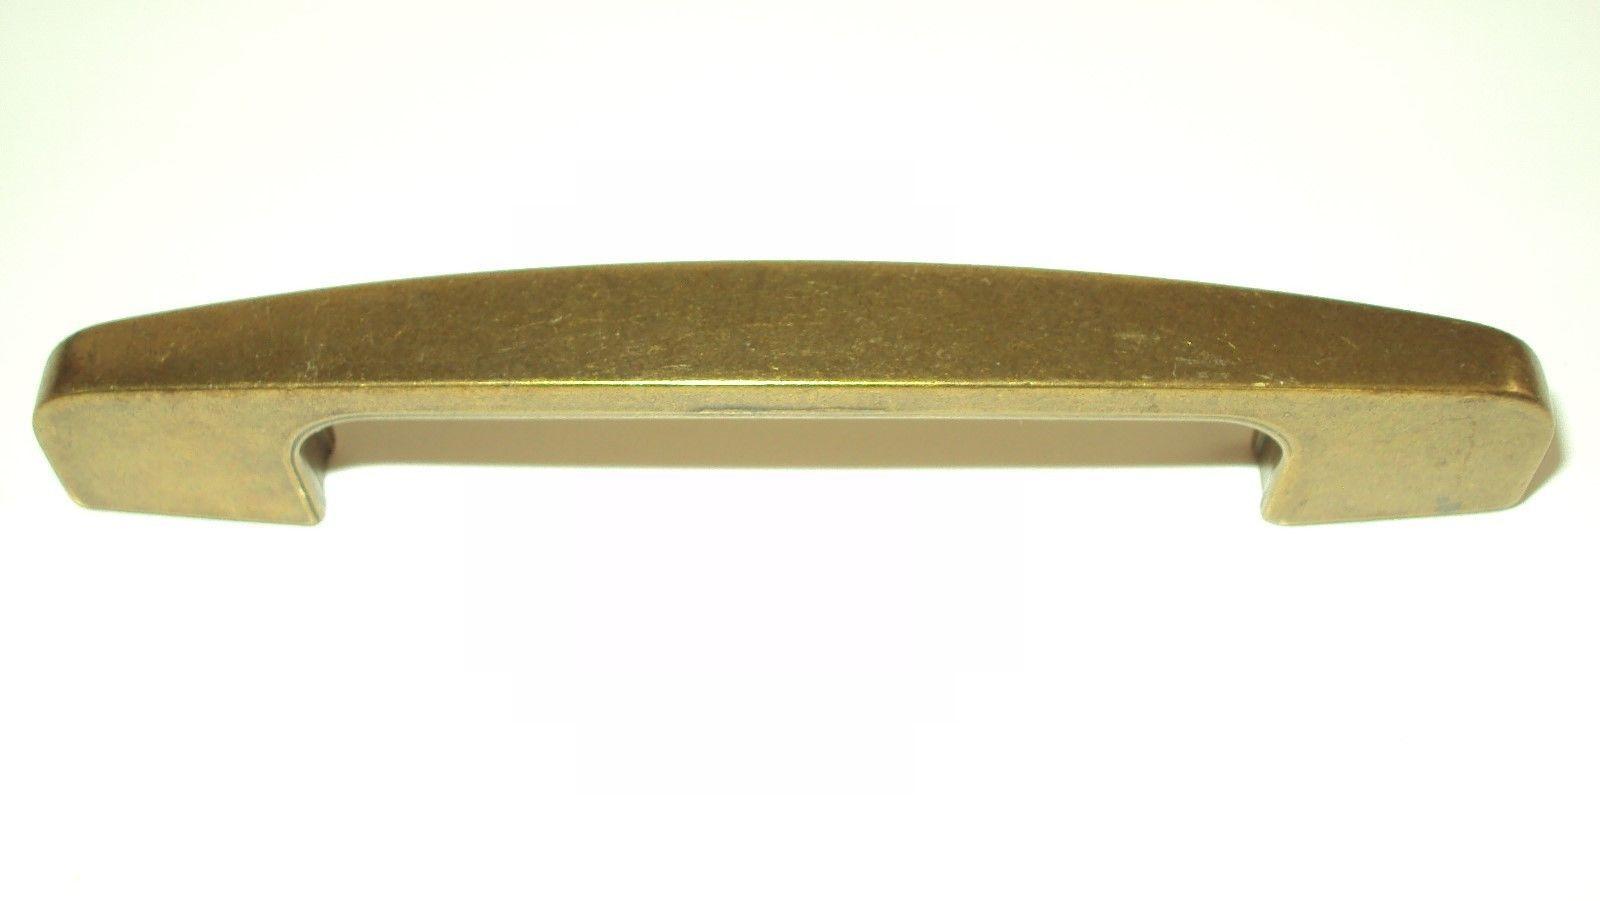 Hardware Brass Antique Drawer Pull Cabinet Knob Art Deco Hardware Mid Century Modern